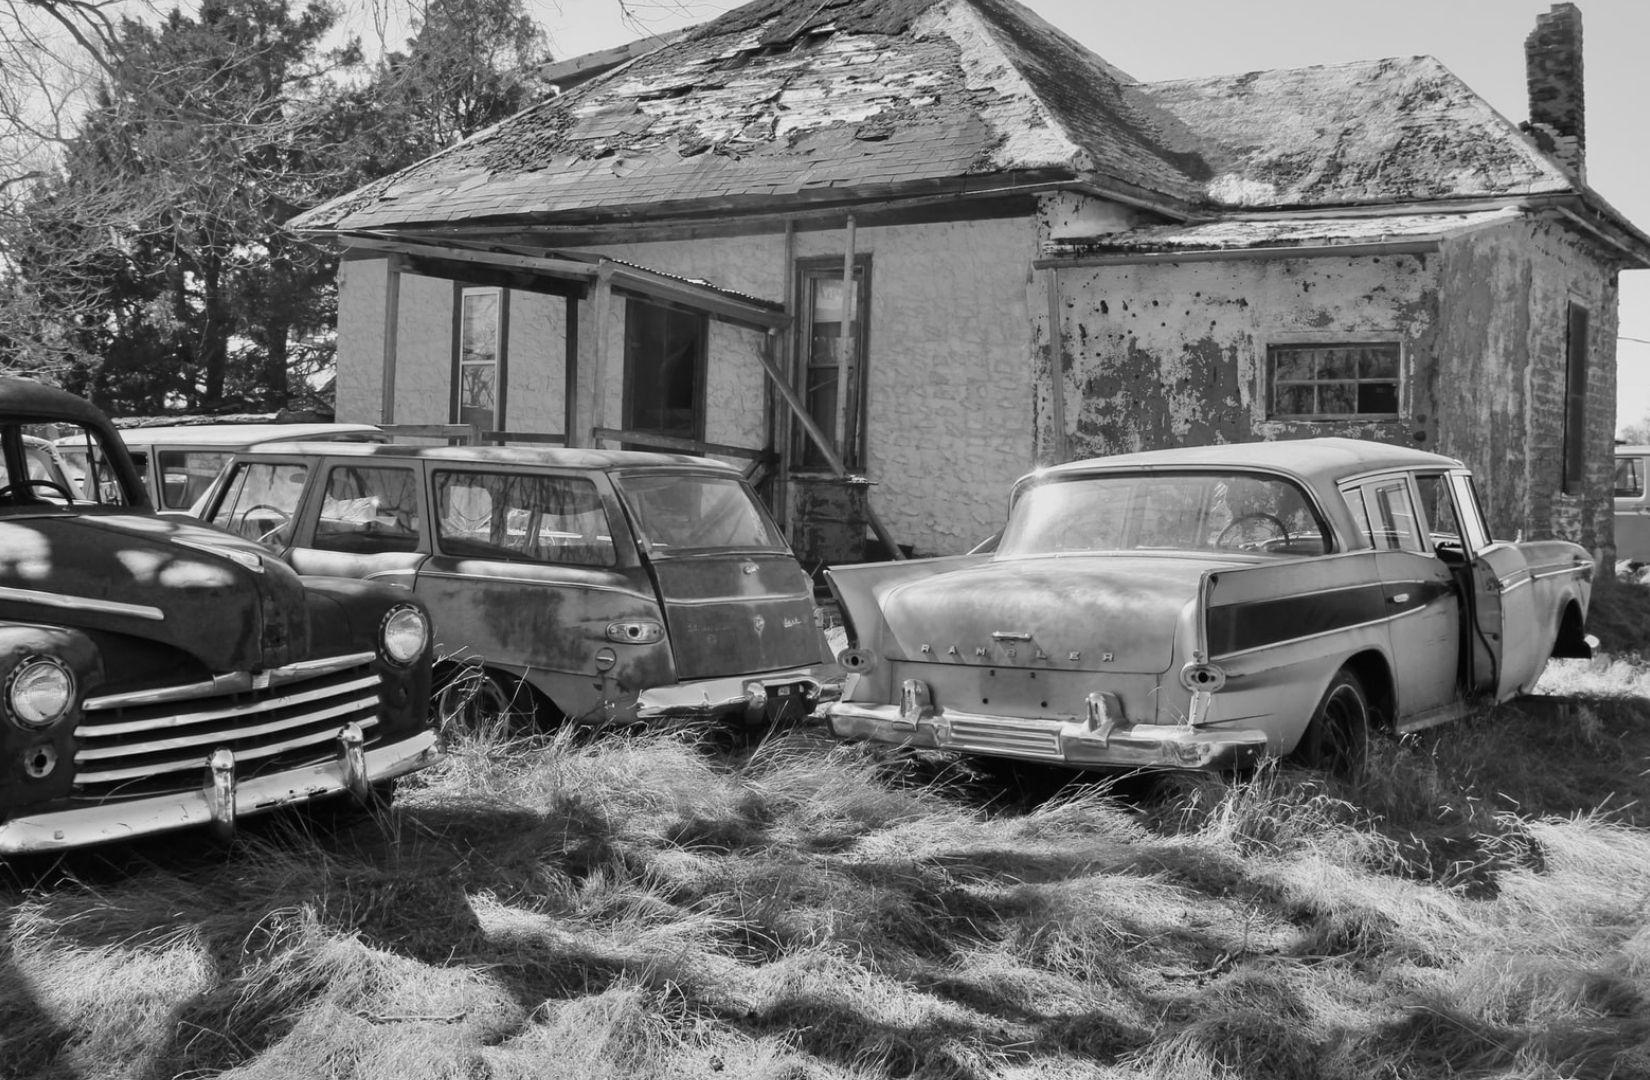 Die USA verändern sich. Ein Bild aus der Geisterstadt Ardmore in Dakota. (Foto: Sophia Simoes, Unsplash.com)